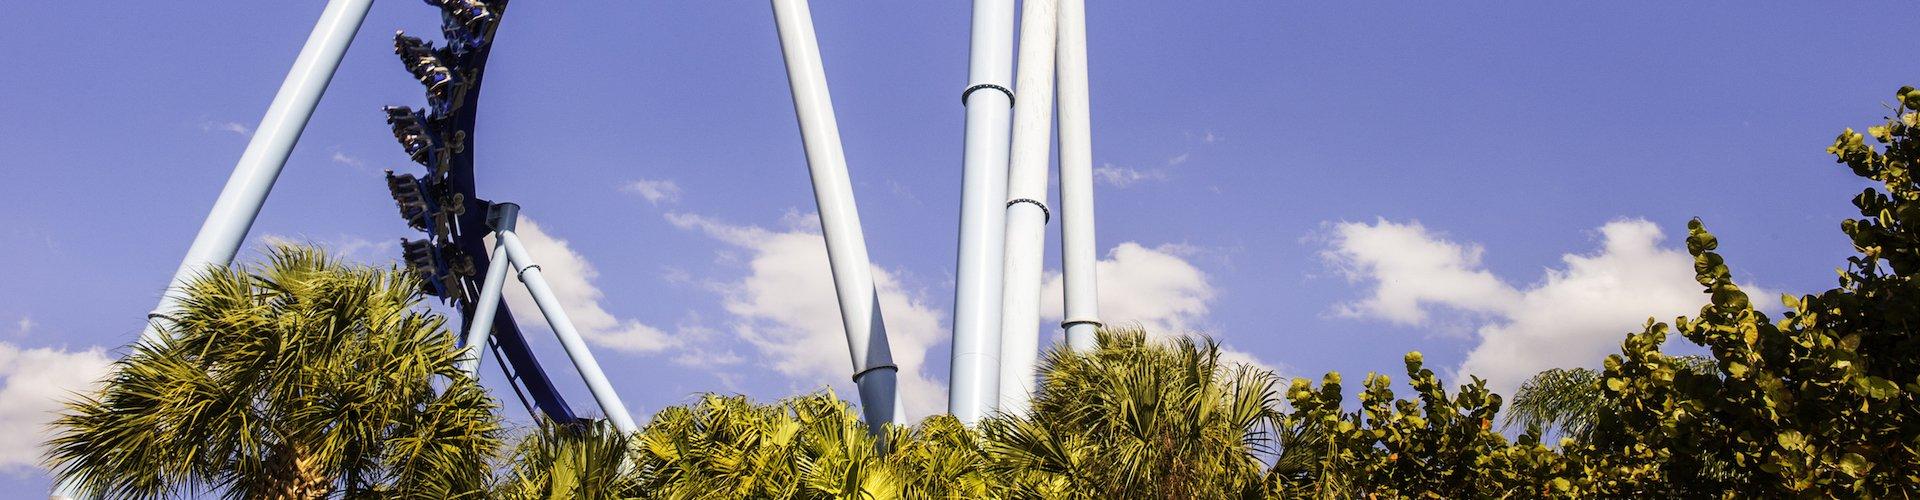 Freizeitpark Universal Orlando Resort